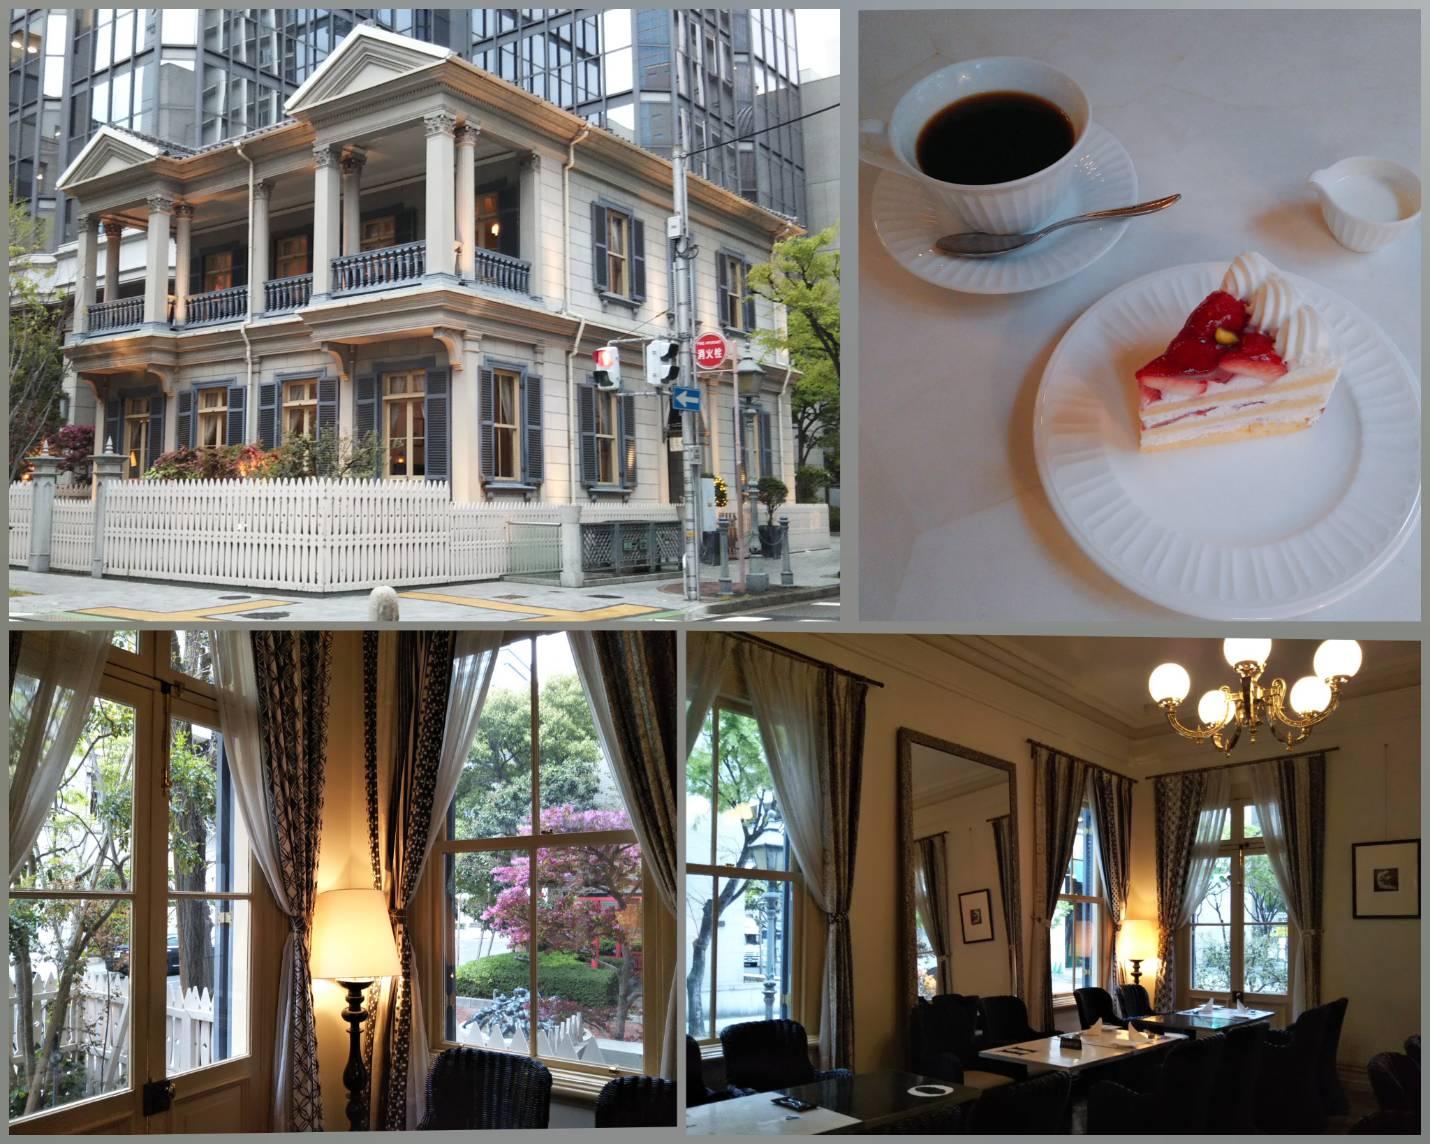 神戸に残る最も古い異人館、国の重要文化財の建物のレストラン『 TOOTH TOOTH  maison 15th(トゥ―ストゥ―ス メゾン15th) 』